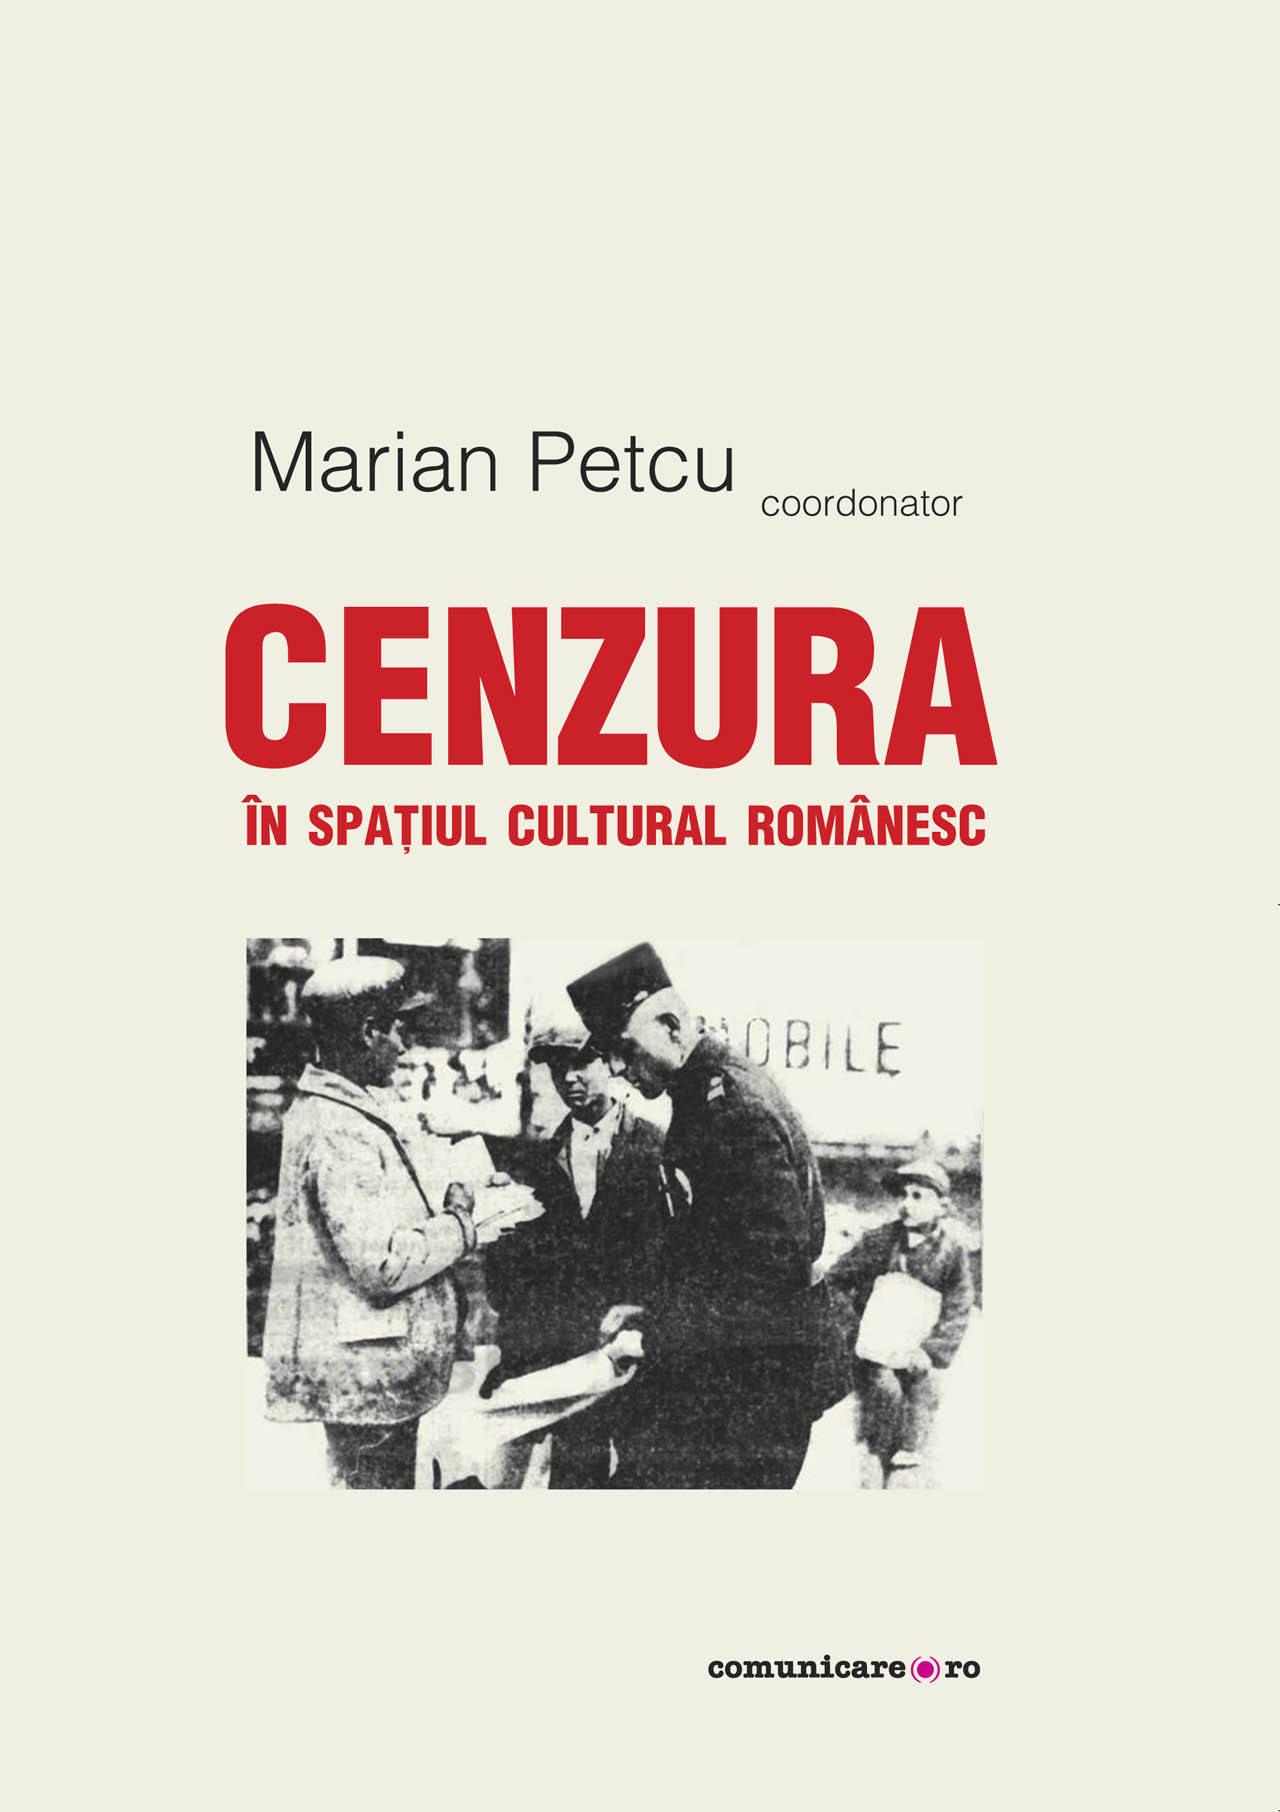 Cenzura in spatiul cultural romanesc (eBook) pdf pret librarie elefant oferta